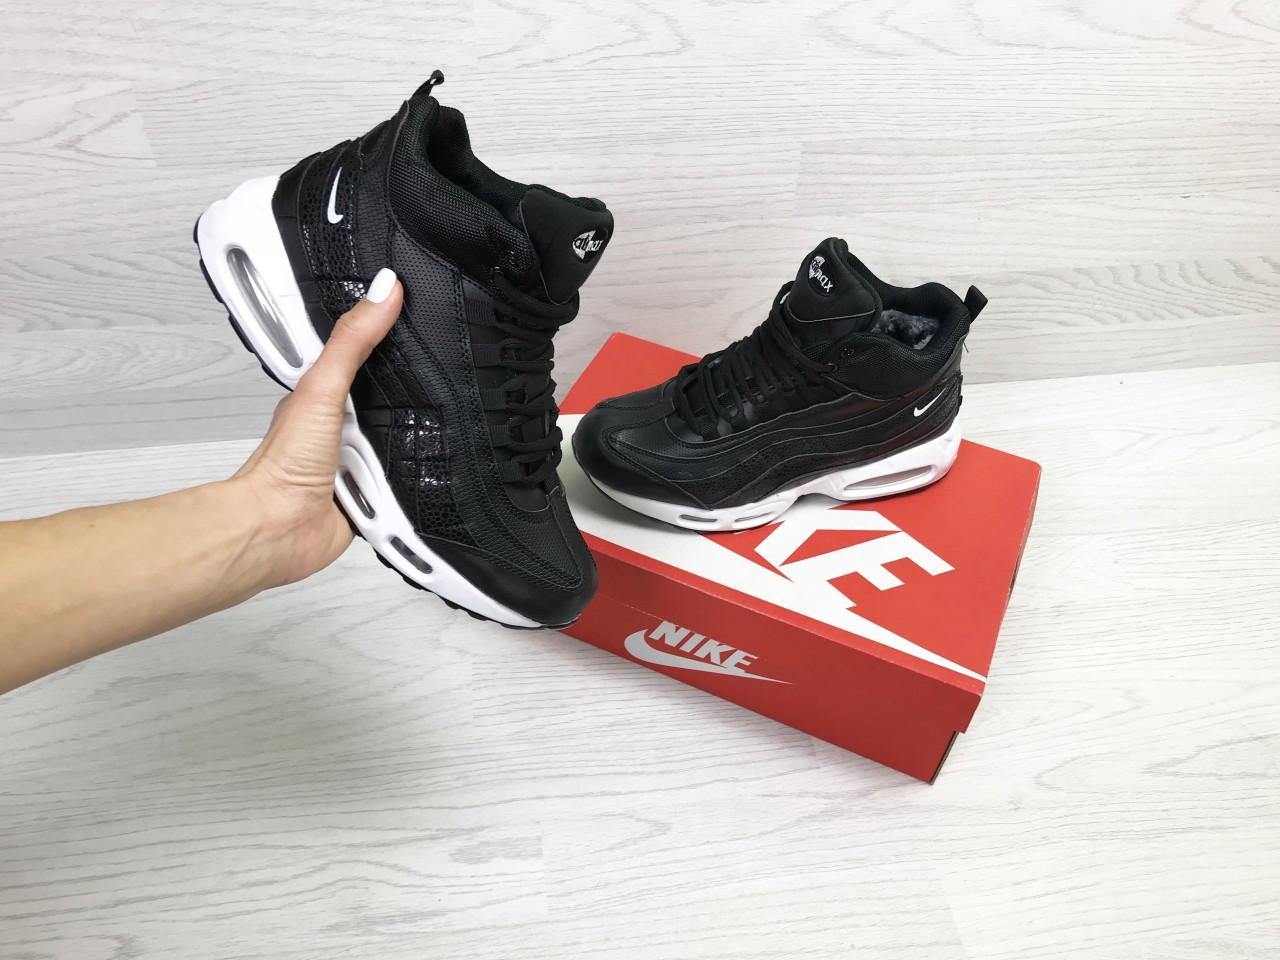 90da0785 Подростковые зимние кроссовки Nike 6977 черные с белым купить ...